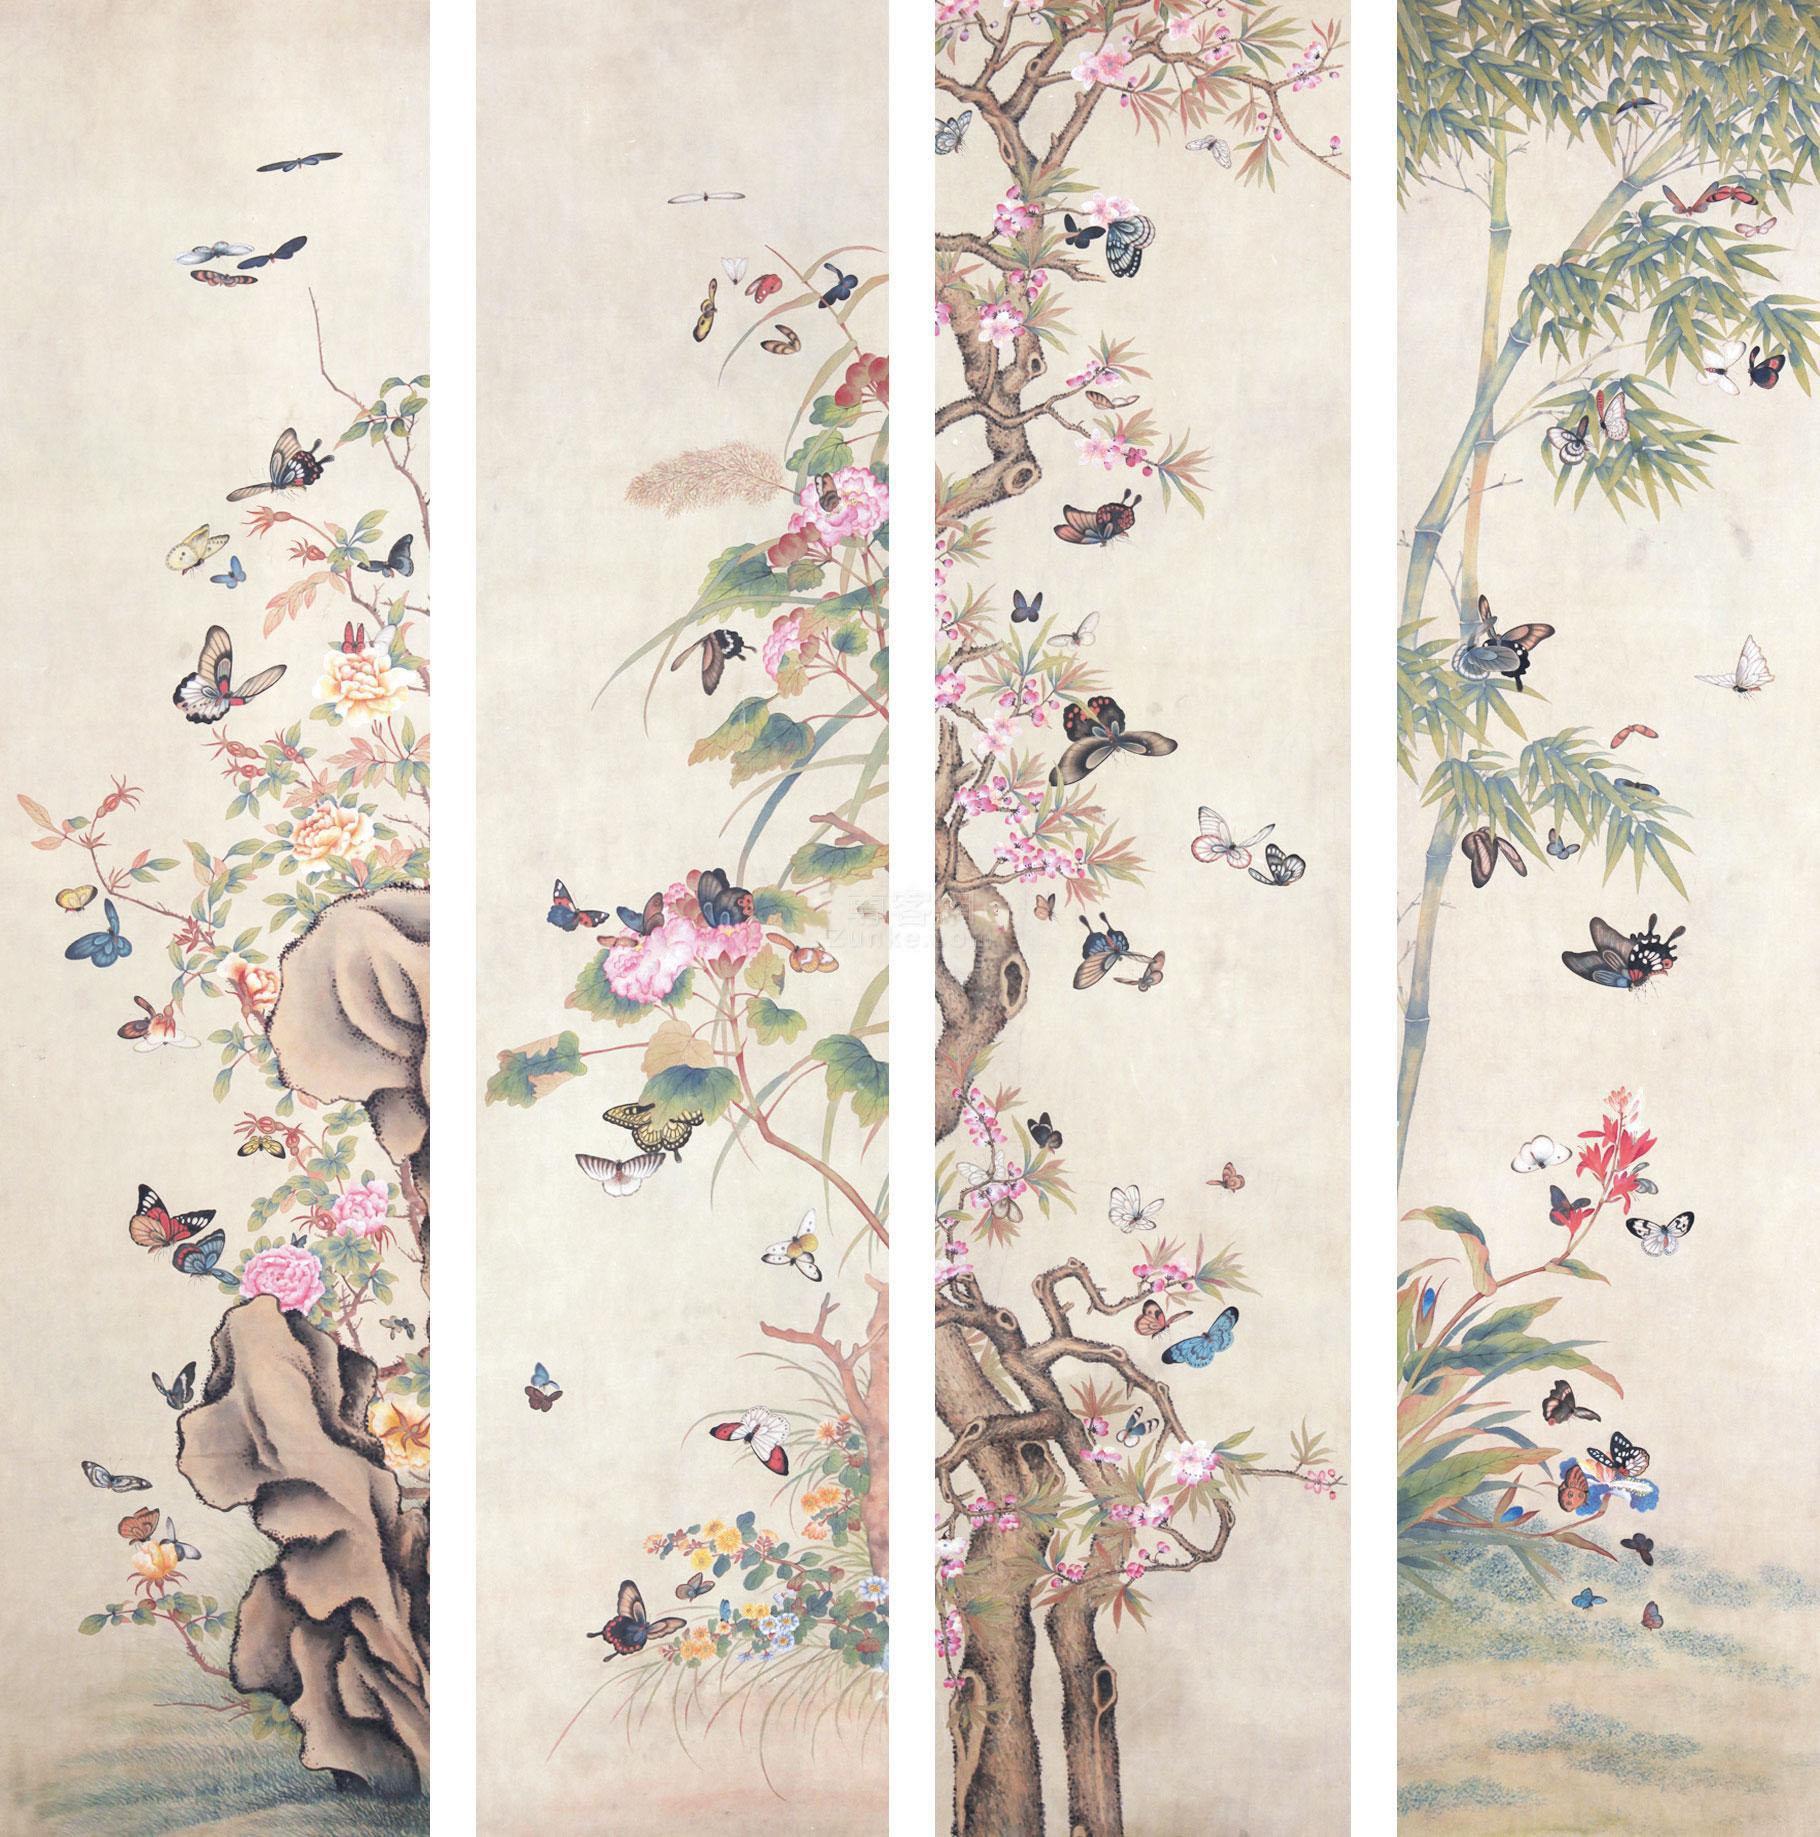 佚名 花卉蝴蝶 镜片 绢本作品欣赏